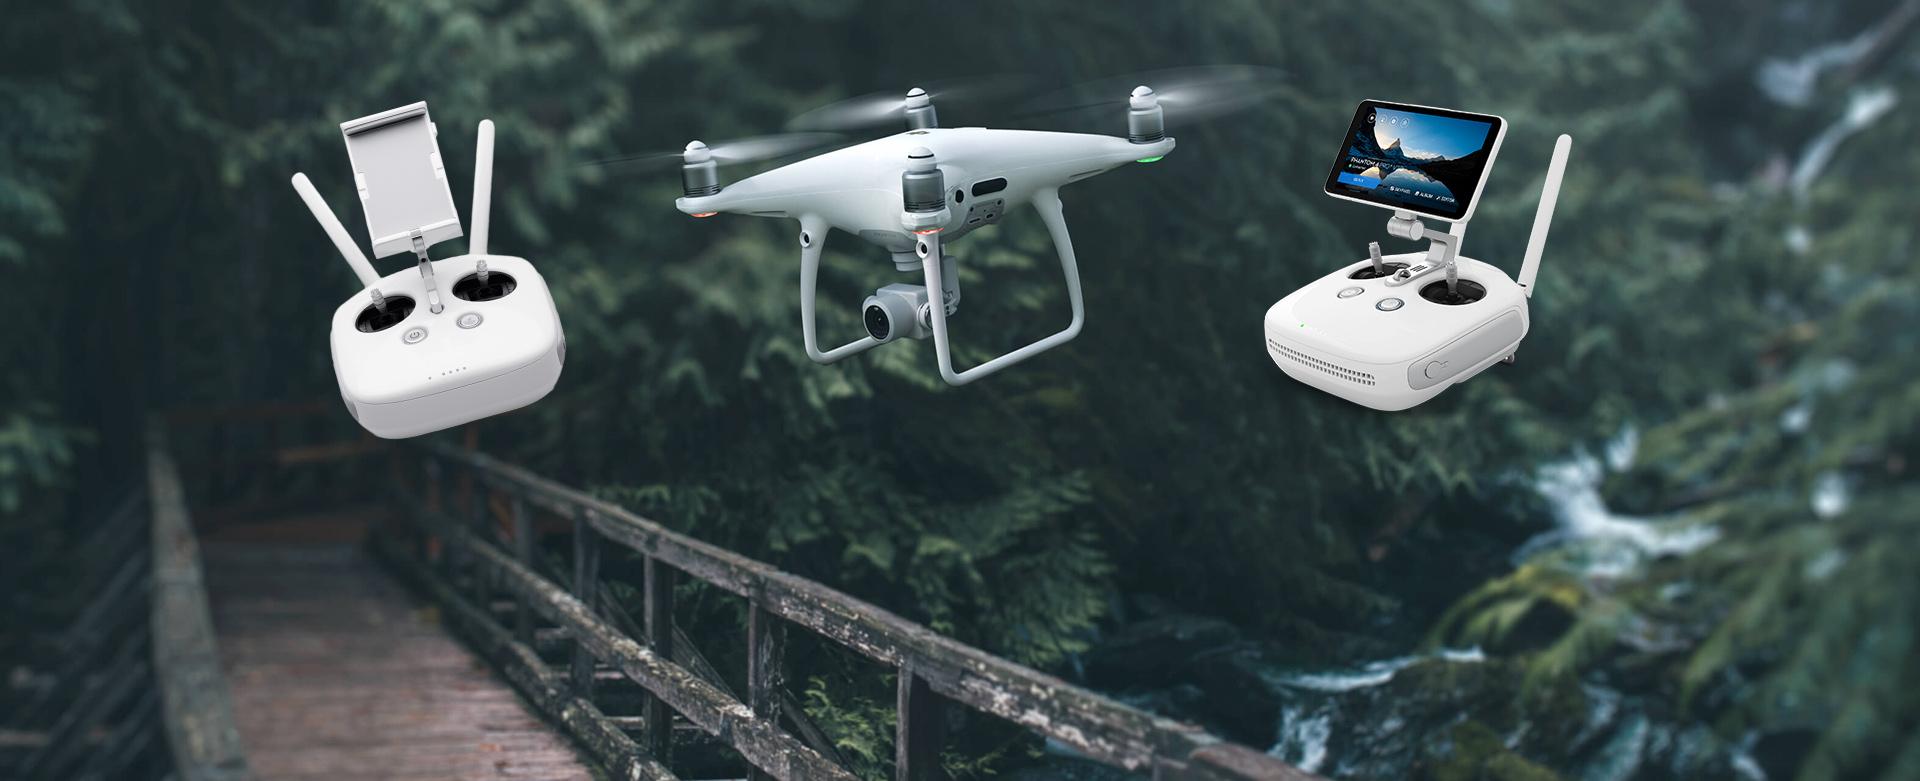 Купи DJI Phantom 4 Pro V2.0 на Топ Цена от AeroCam.bg